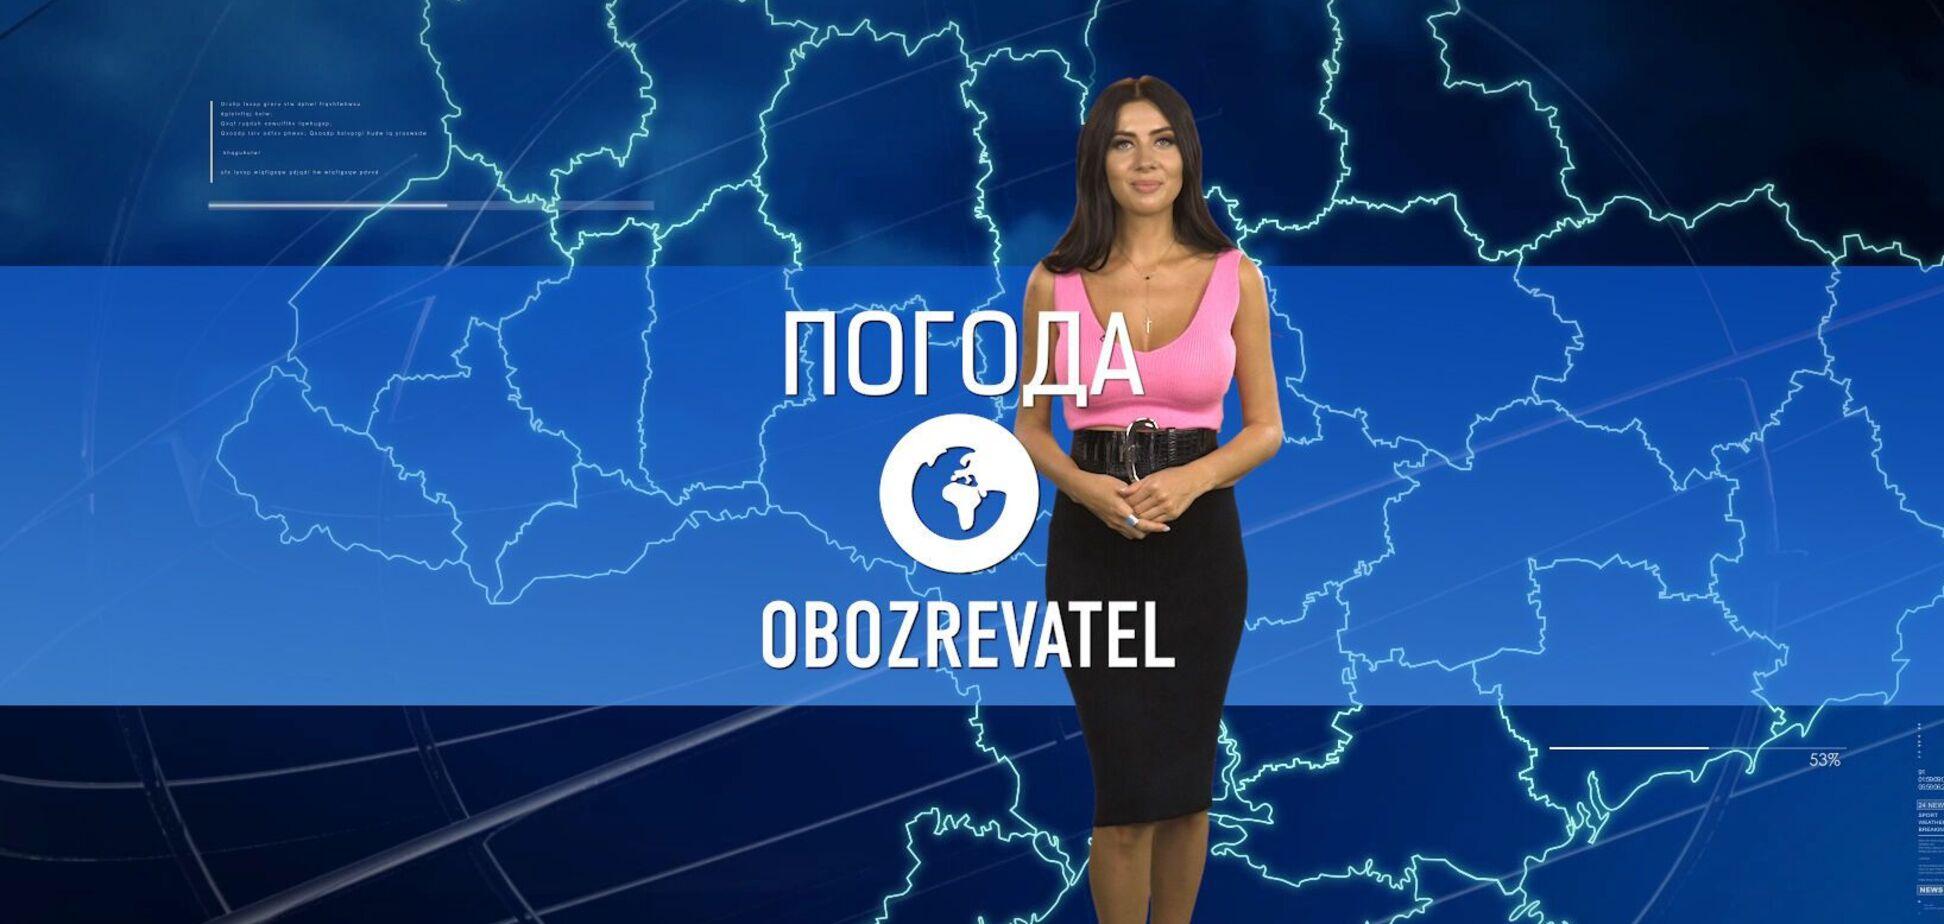 Прогноз погоды в Украине на вторник, 13 июля, с Алисой Мярковской